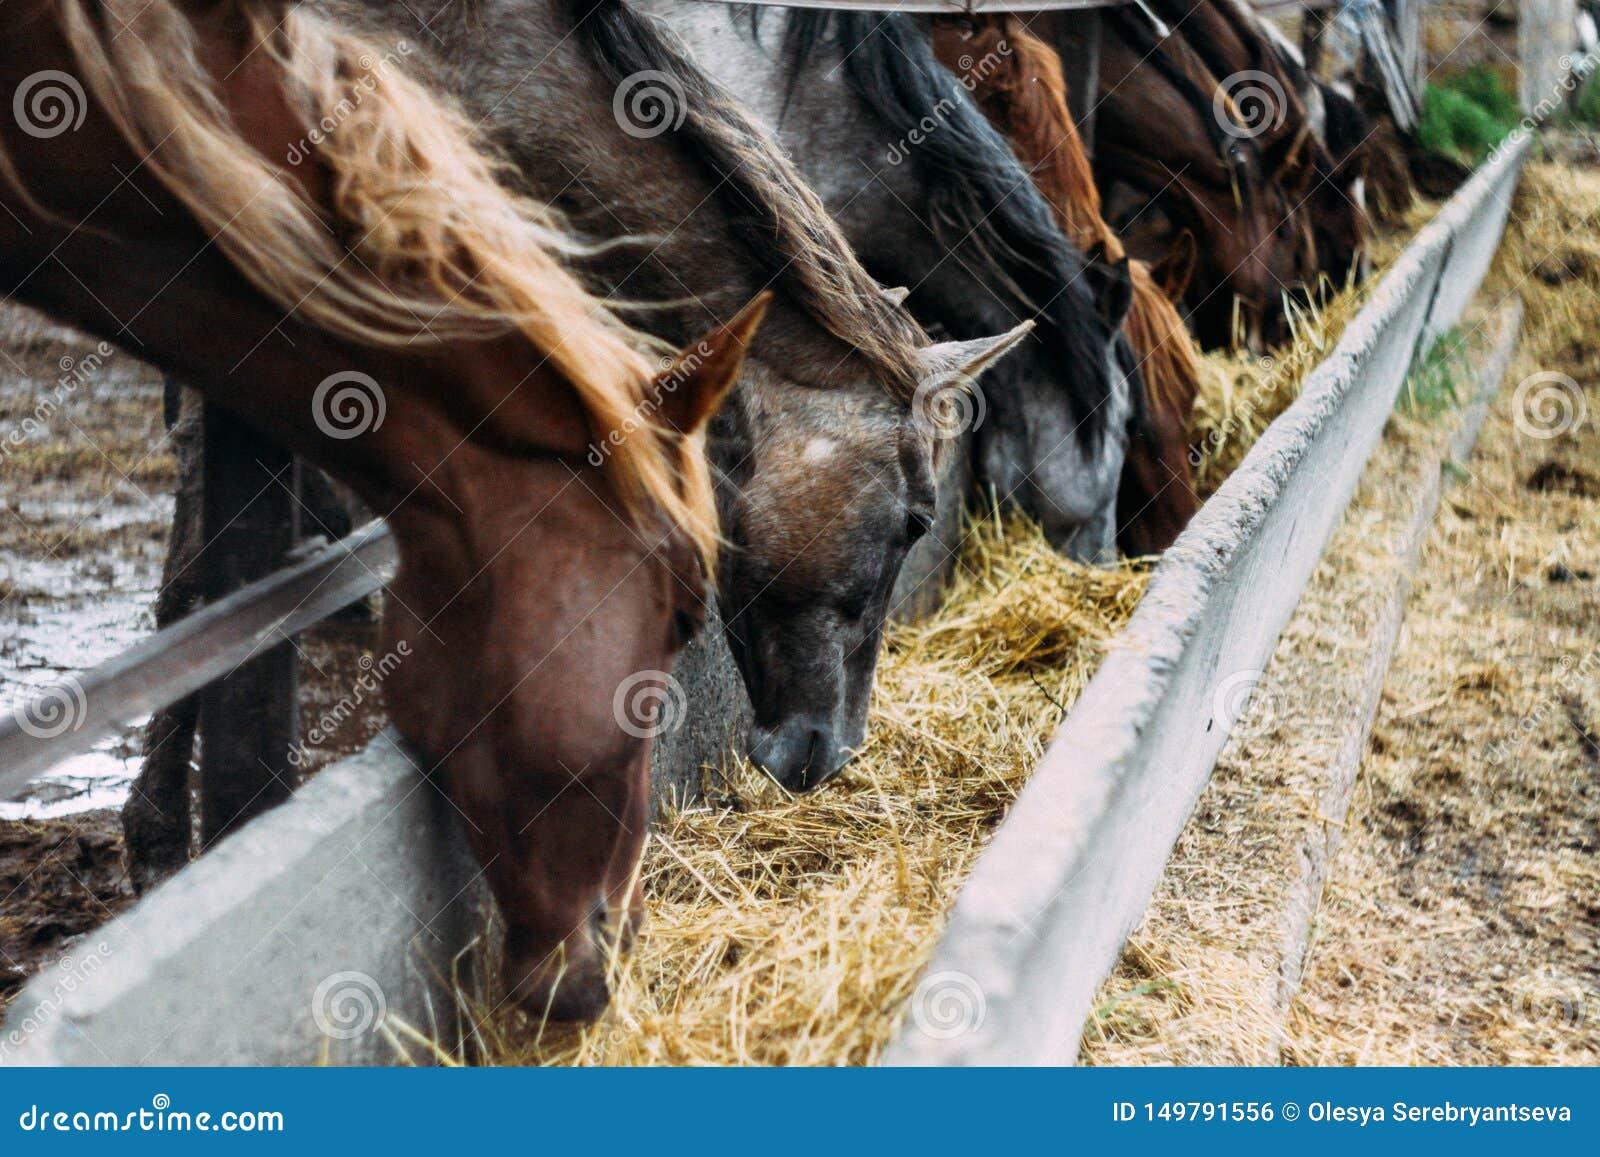 La manada de caballos come el heno Manada de caballos hermosos